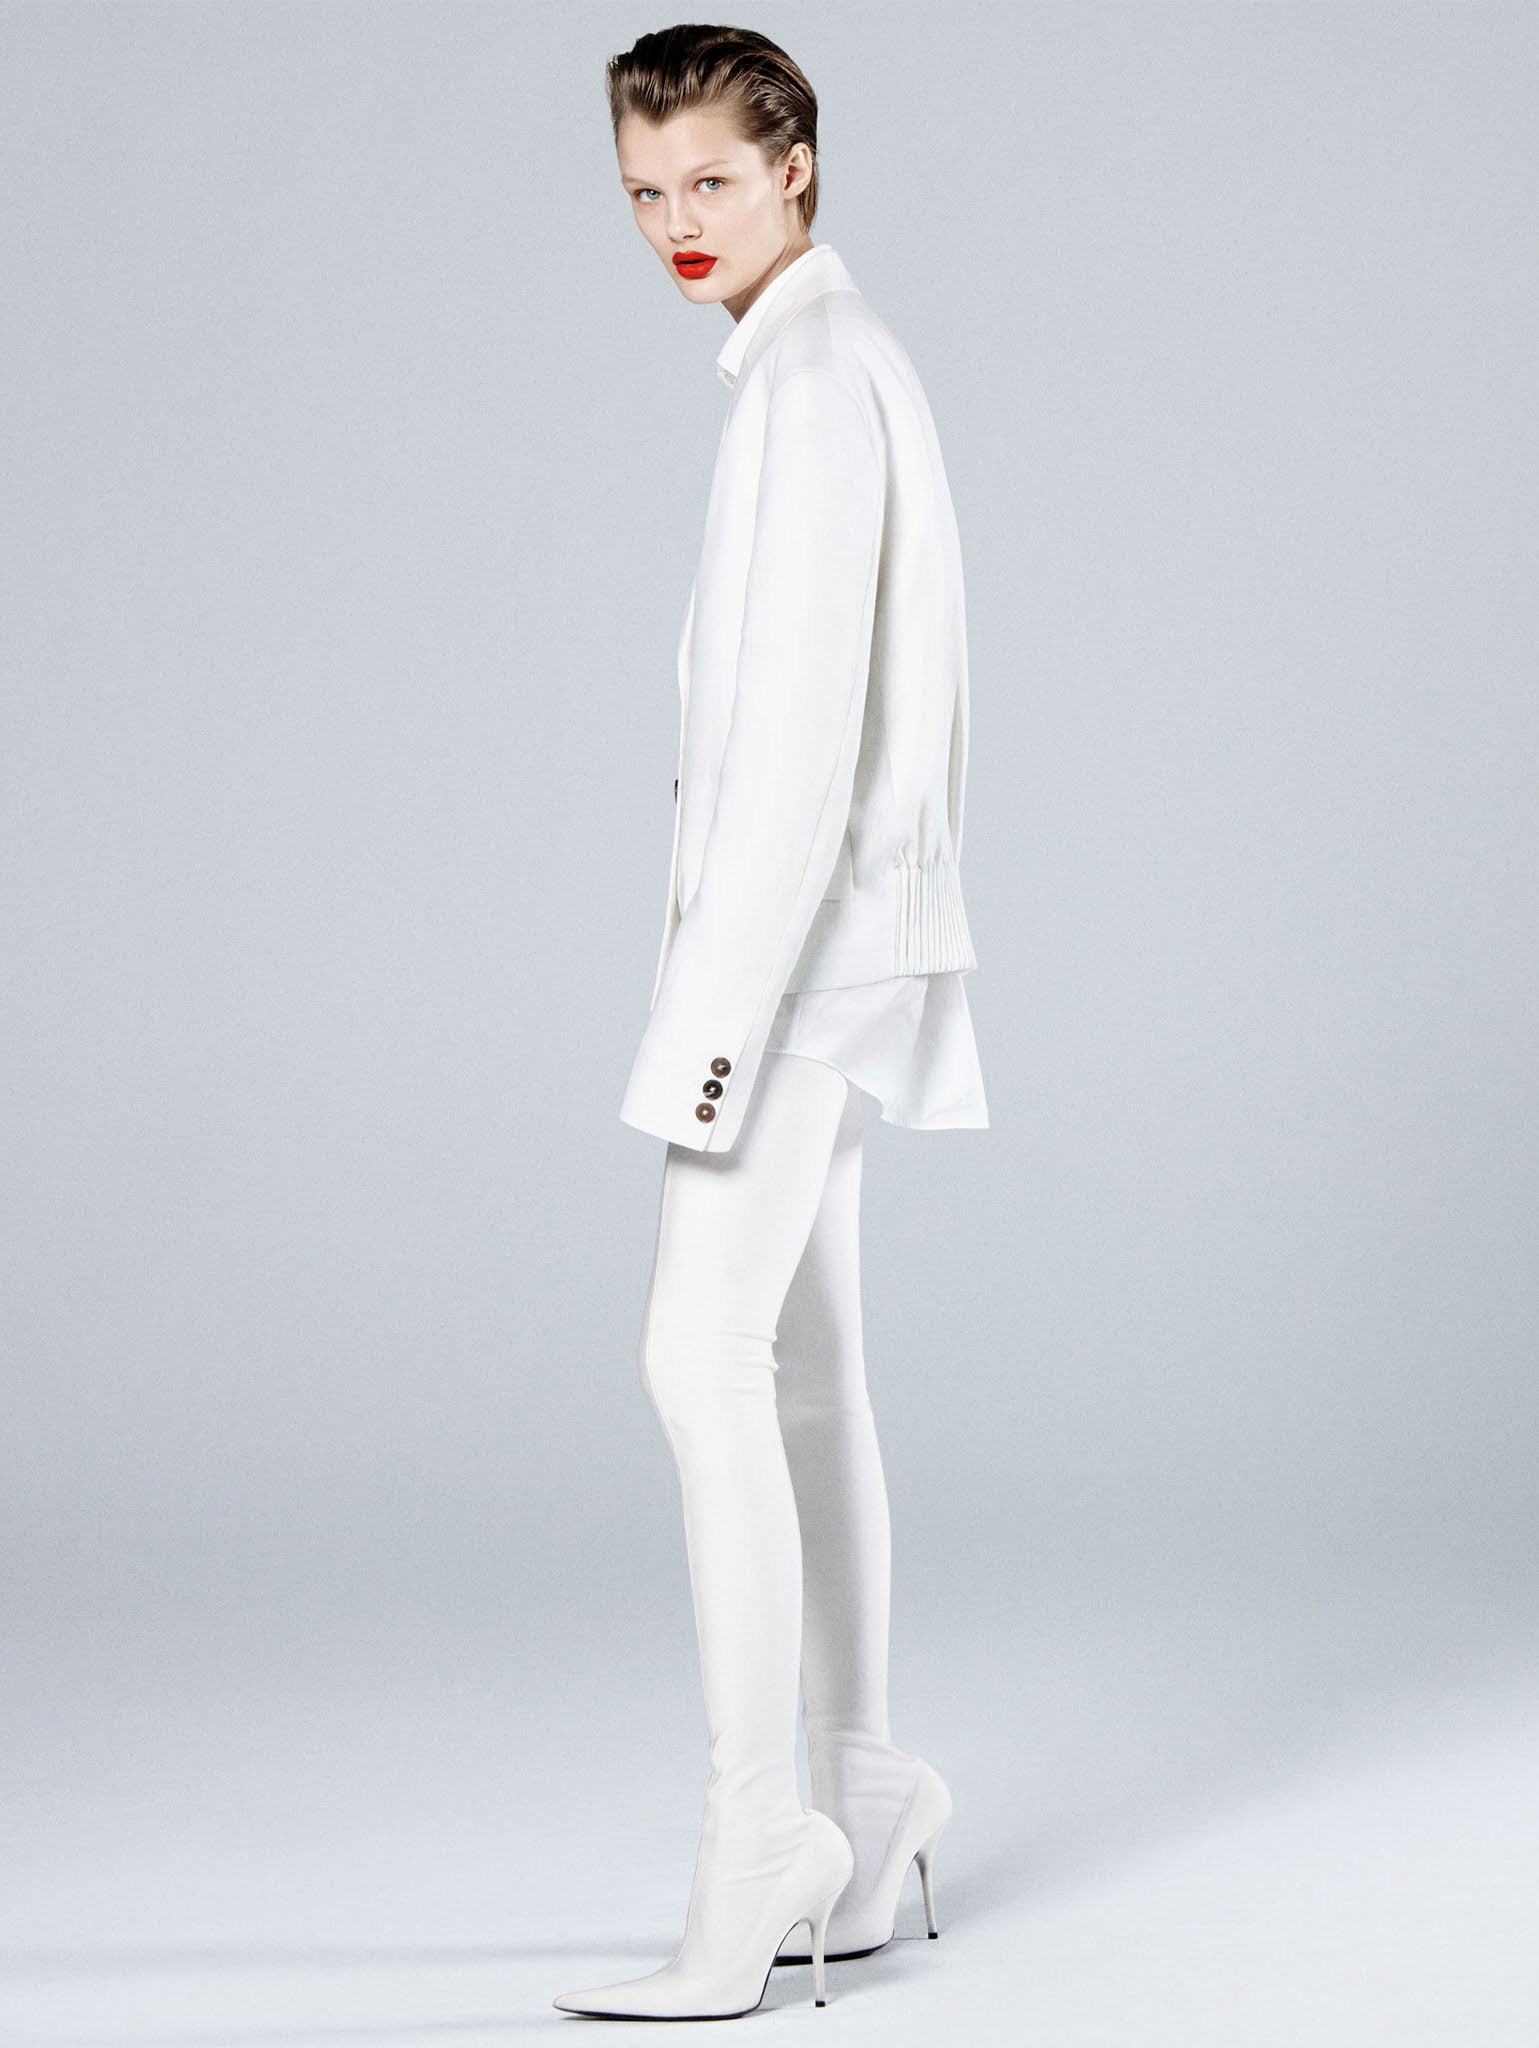 Кристина Грикайте в фотосъёмке Дэниела Джексона для китайского Vogue, май 2017 6